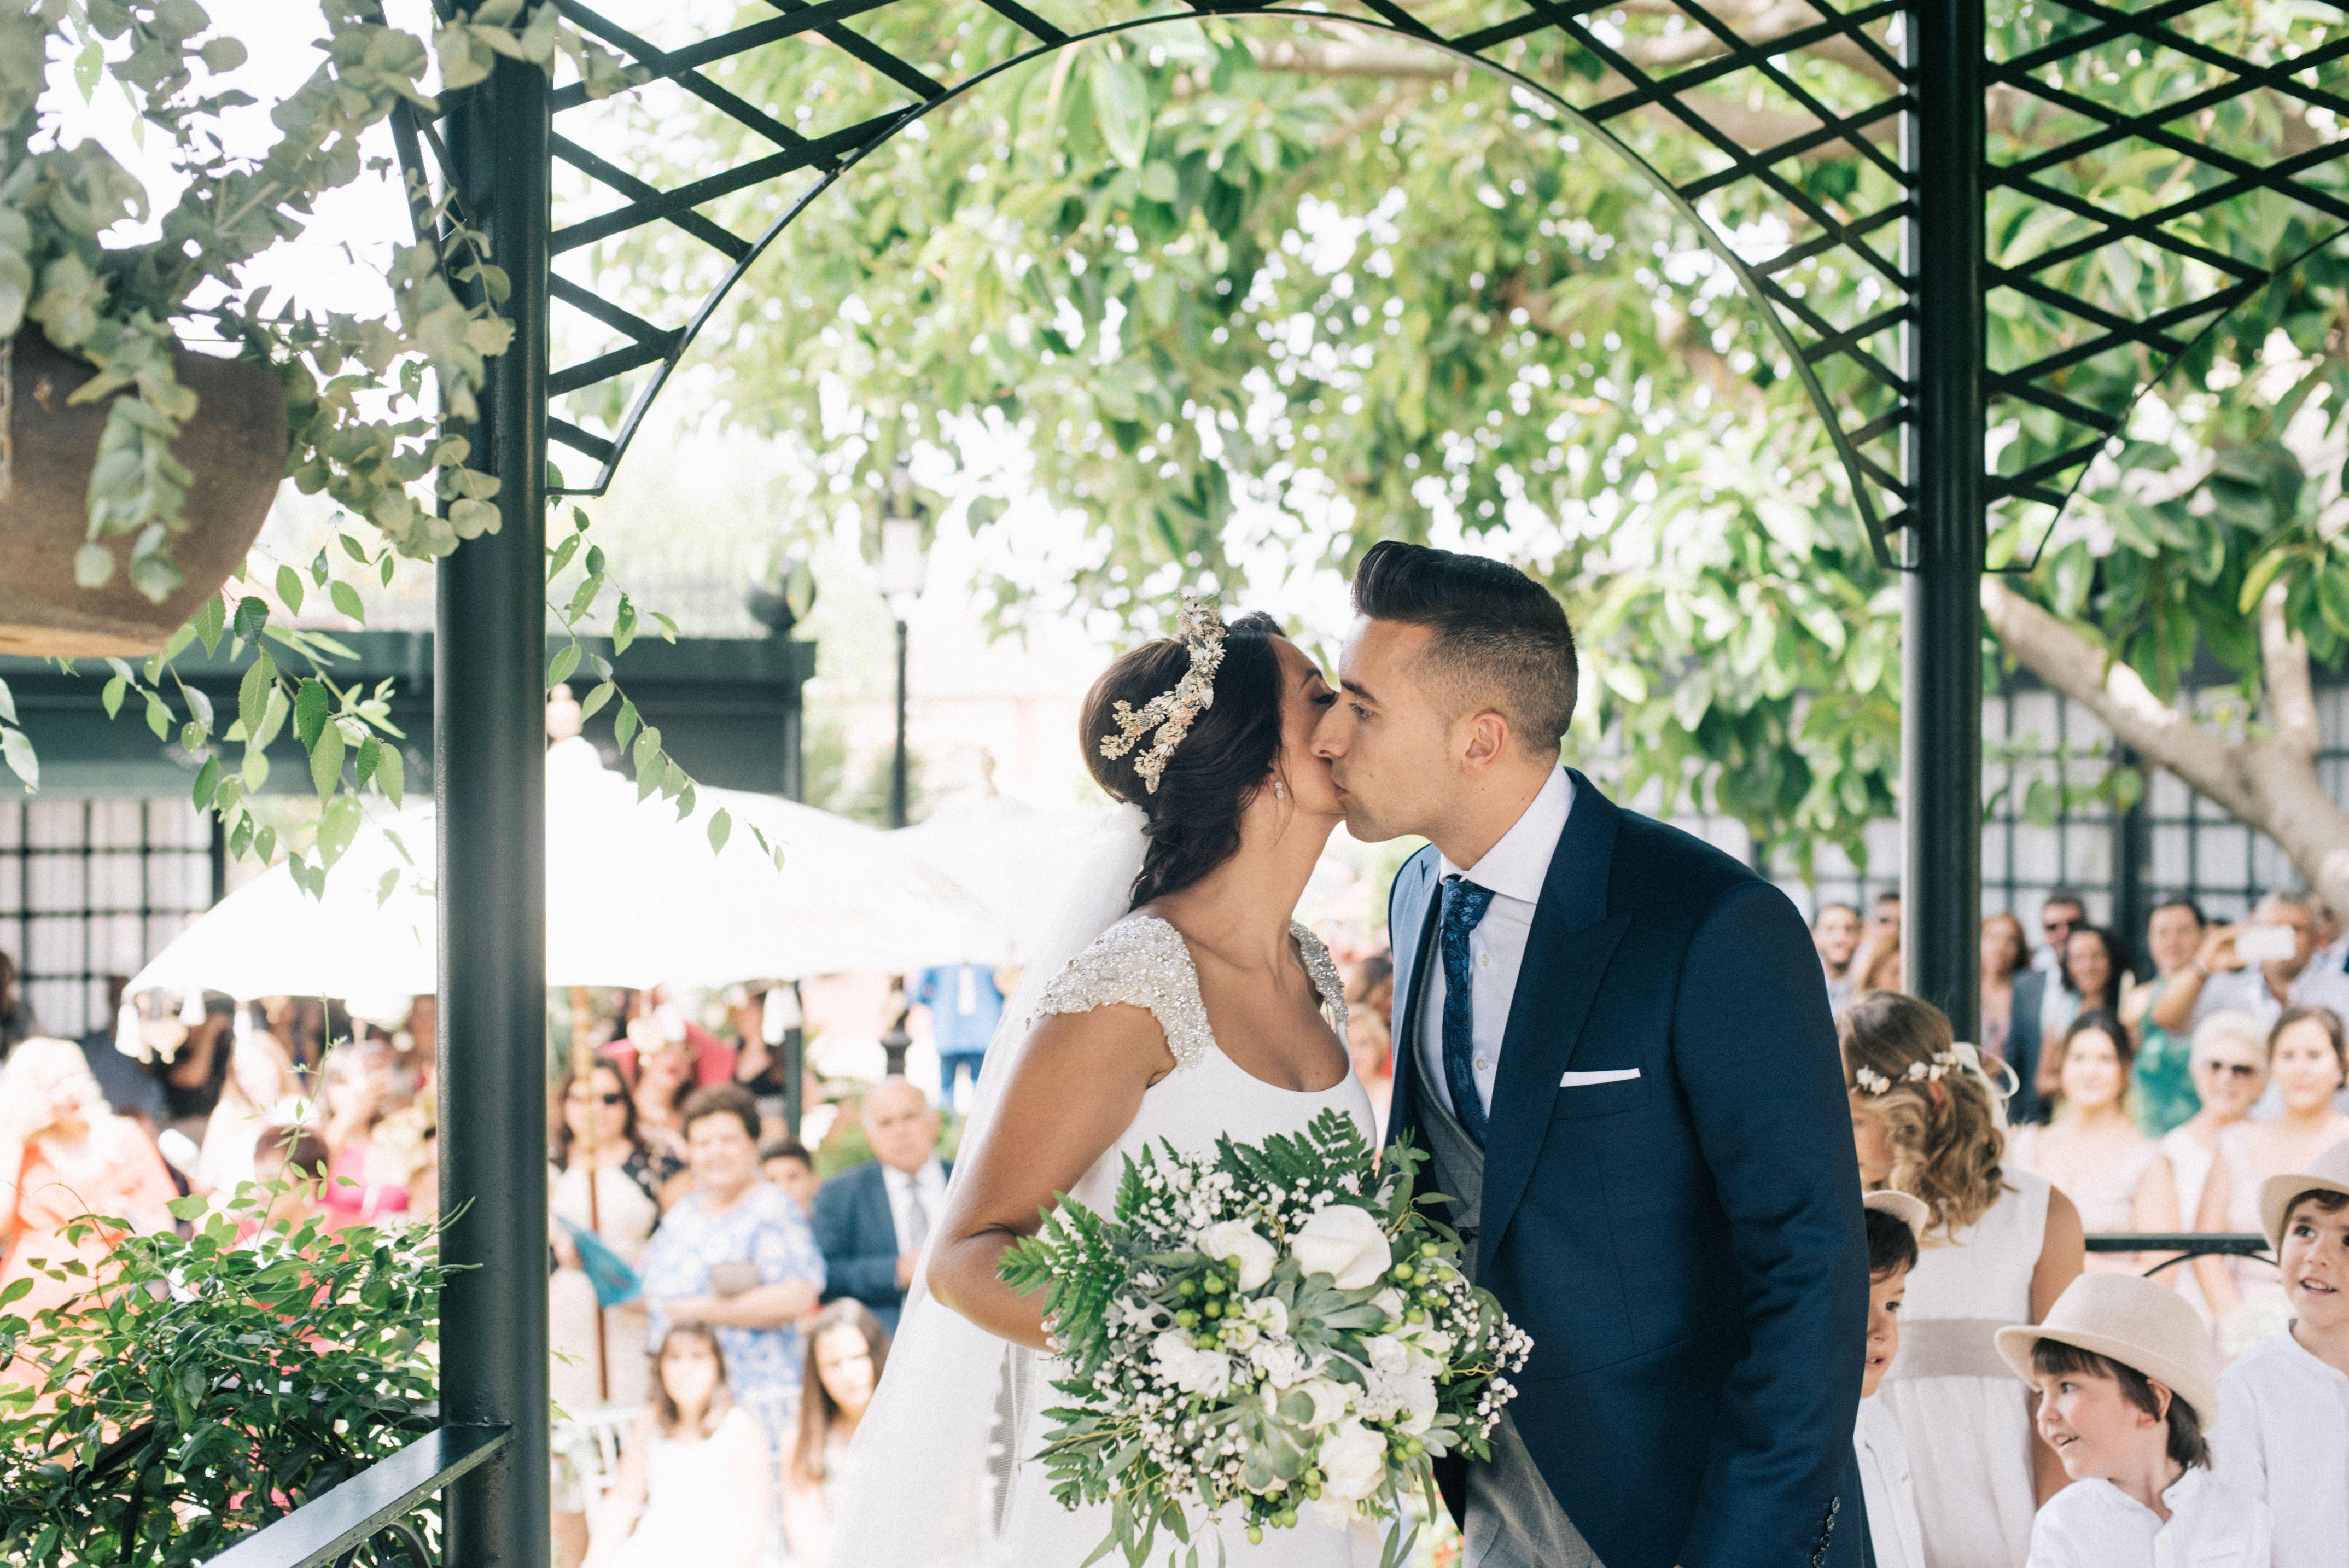 La boda de Roberto y Cristina 44